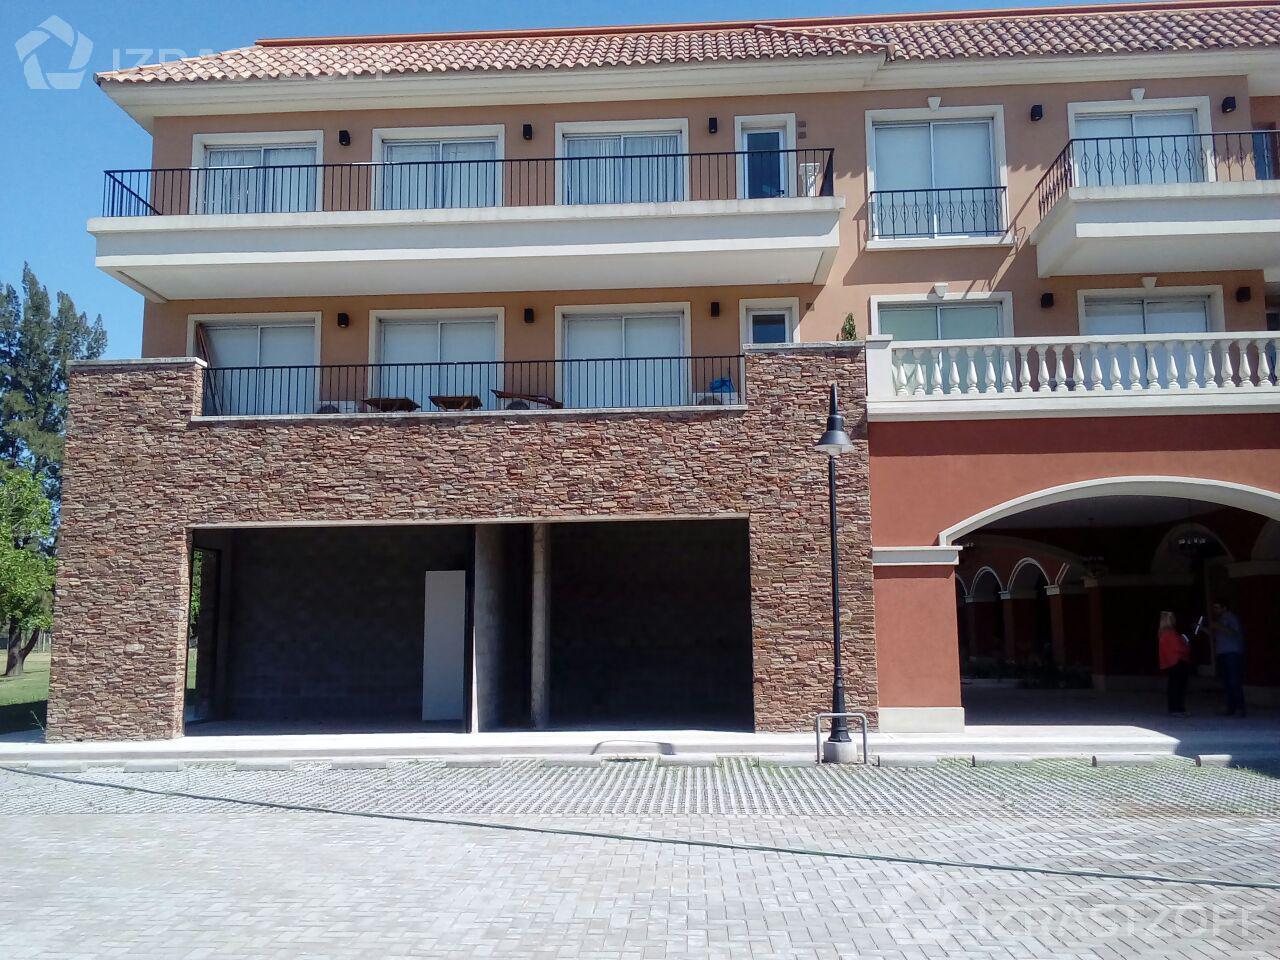 Local-Venta-Pilar-Pueblo Caamaño